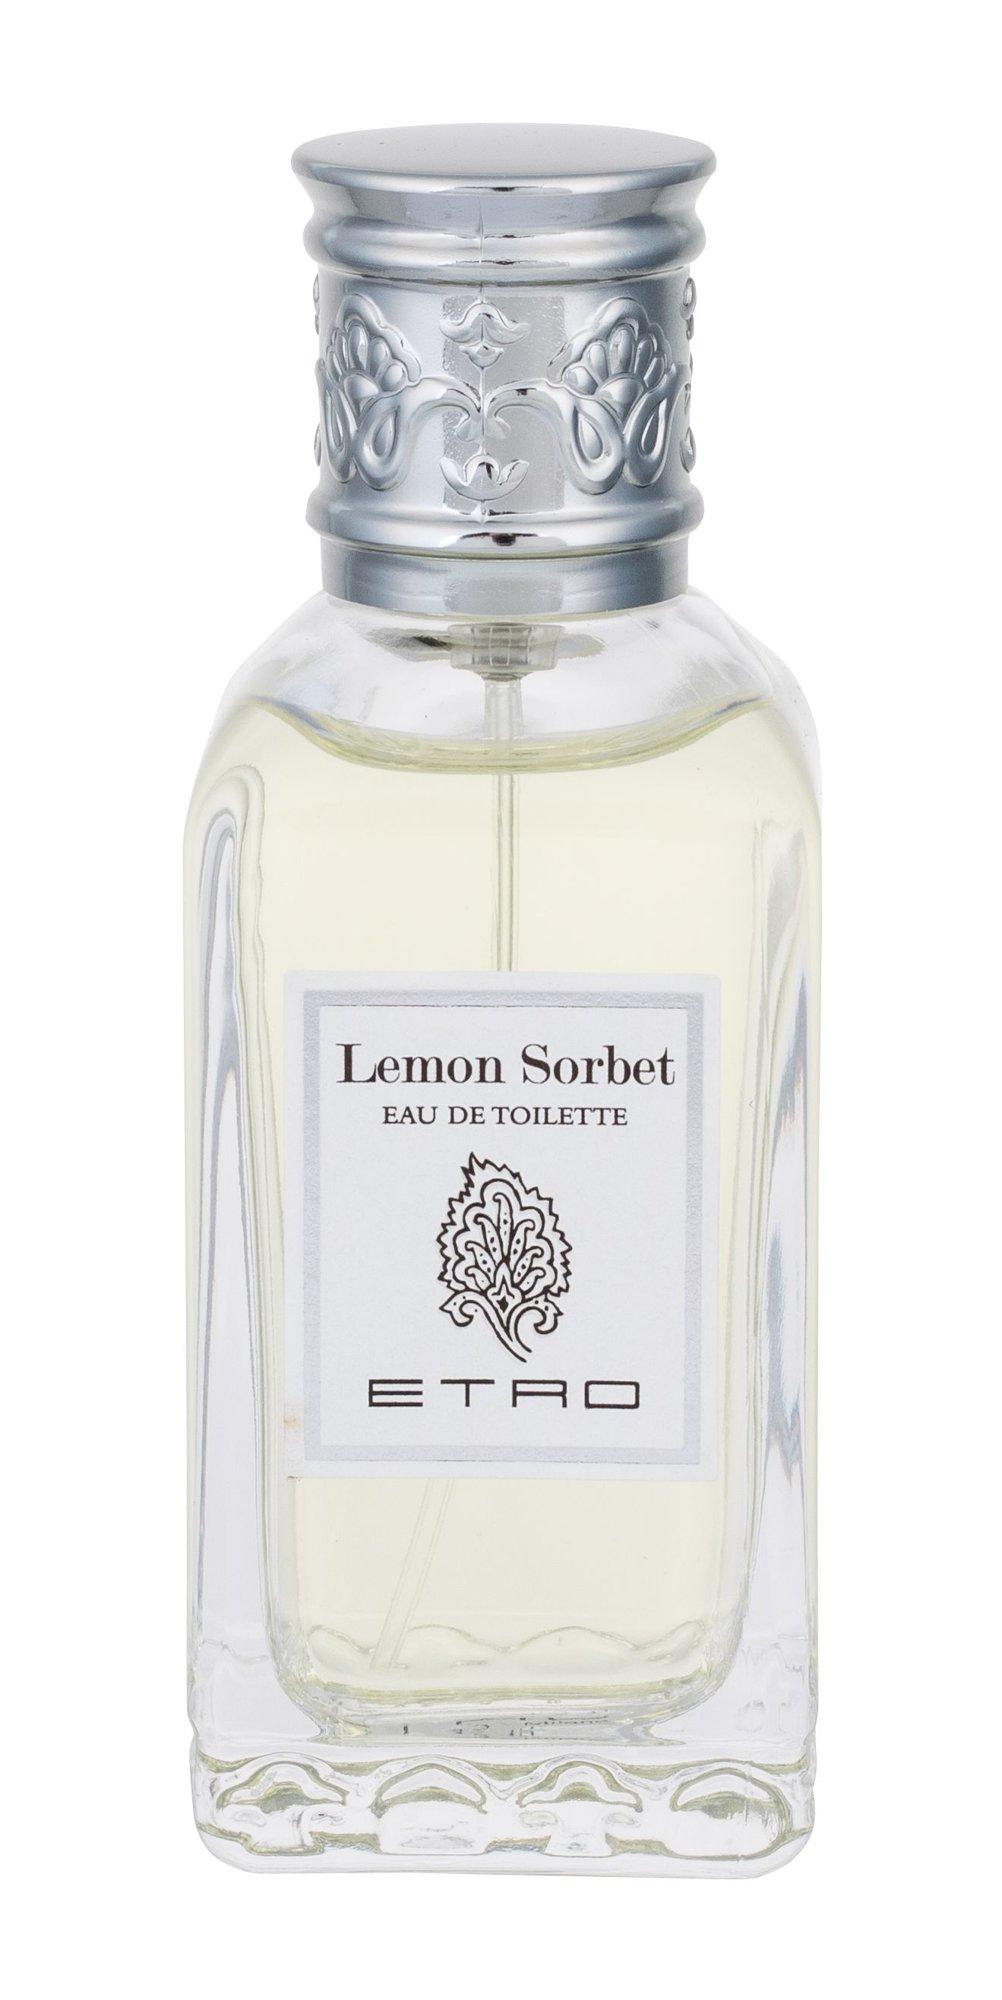 ETRO Lemon Sorbet EDT 50ml